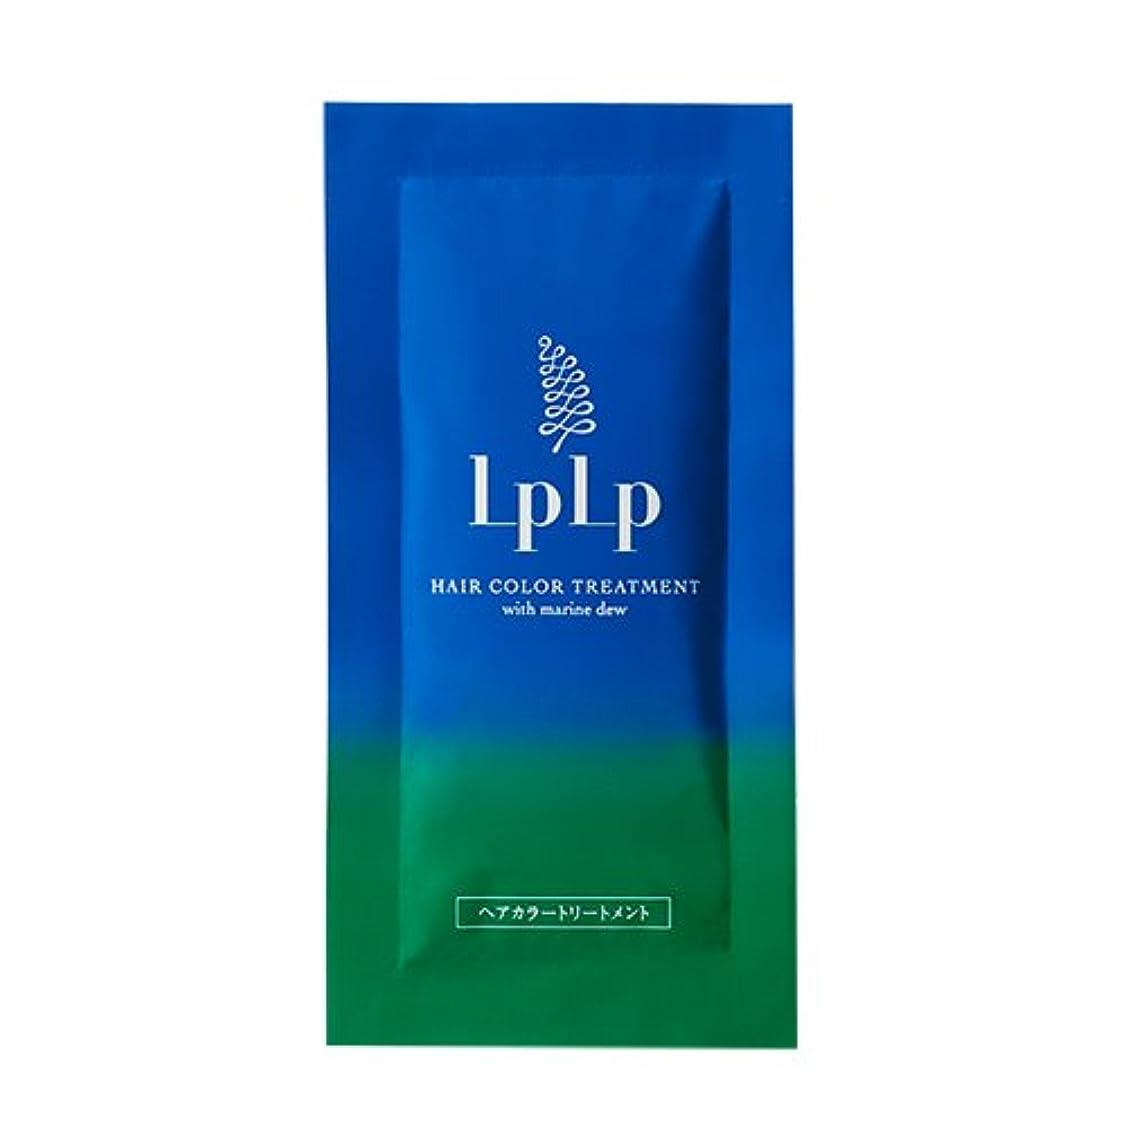 ズームインするデコードする評論家LPLP(ルプルプ)ヘアカラートリートメントお試しパウチ ダークブラウン